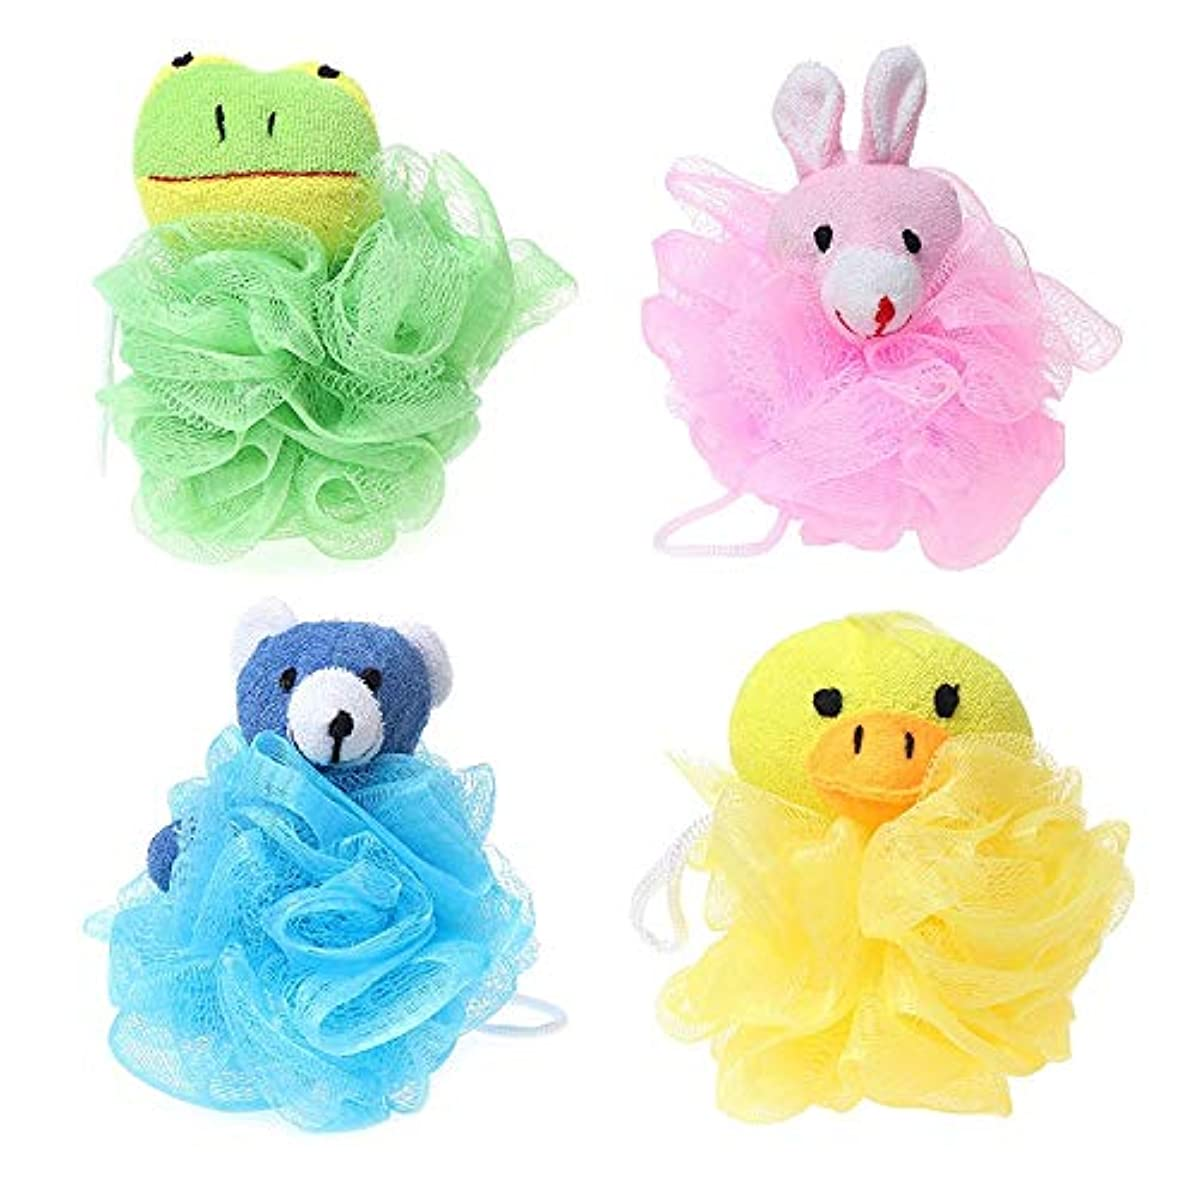 卒業レビュアーリースNrpfell 子供用おもちゃクッションパフメッシュぬいぐるみ付き(4パック)カエル、アヒル、ウサギ、クマ